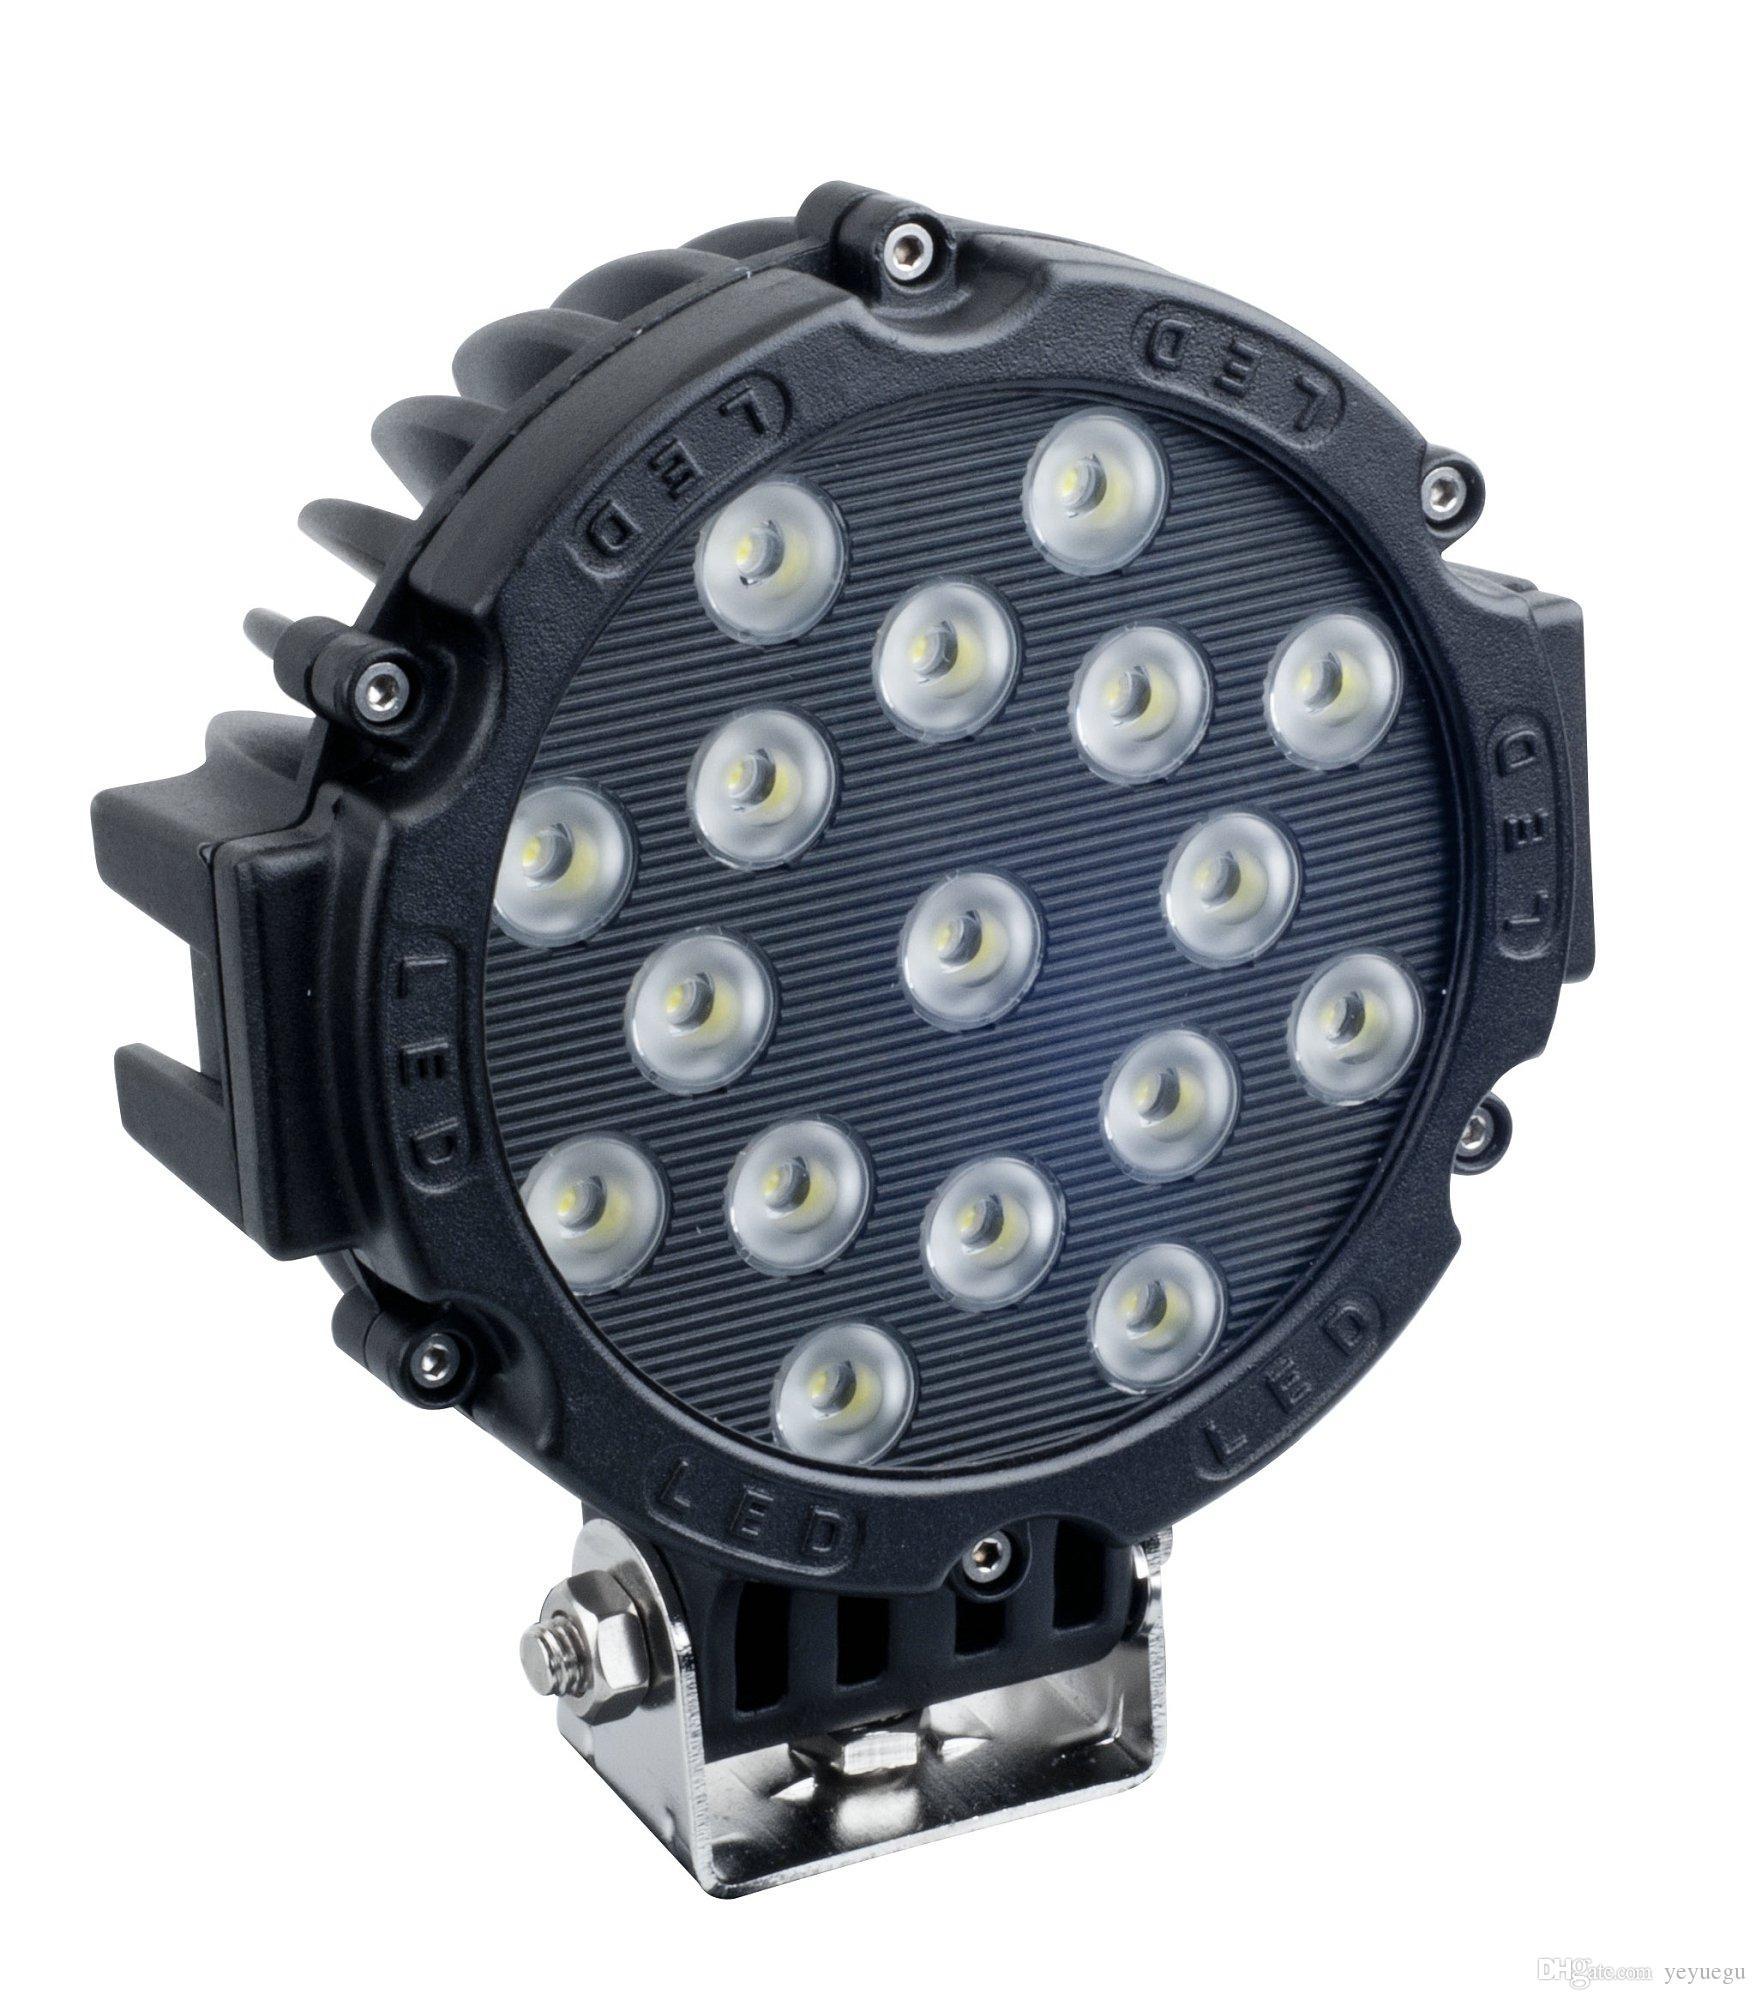 7Inch 51W Car Round LED lavoro luce 12 V ad alta potenza 17 X 3 W luce del punto per 4x4 fuoristrada trattore ATV SUV guida